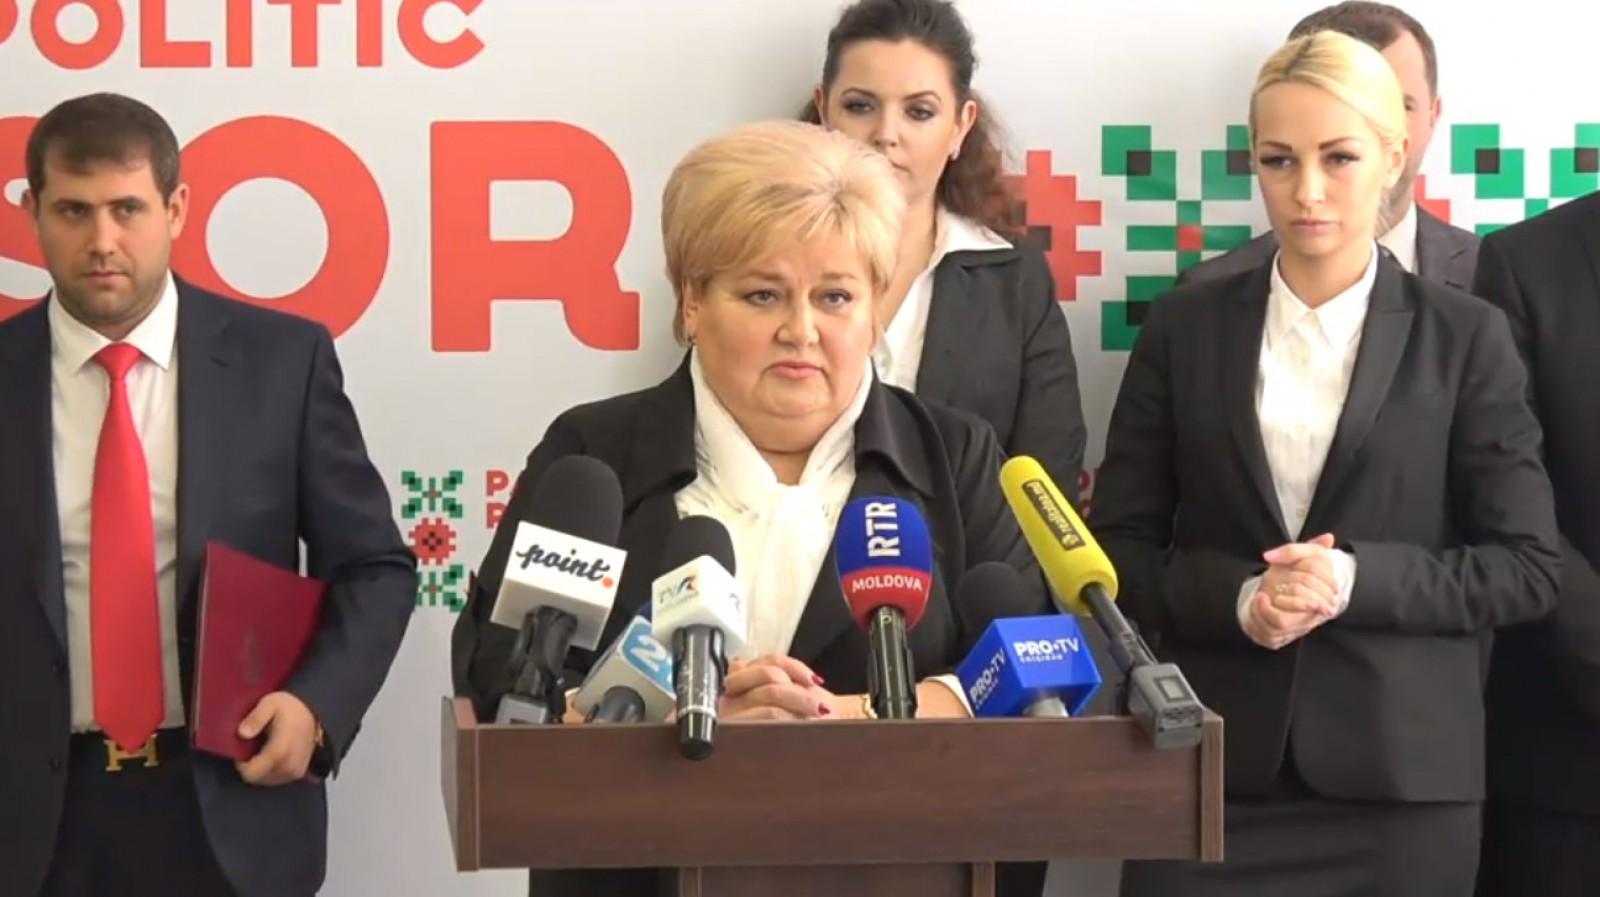 (video/update) Ilan Șor a anunțat candidatul la funcția de primar al capitalei. Este vorba despre Reghina Apostolova